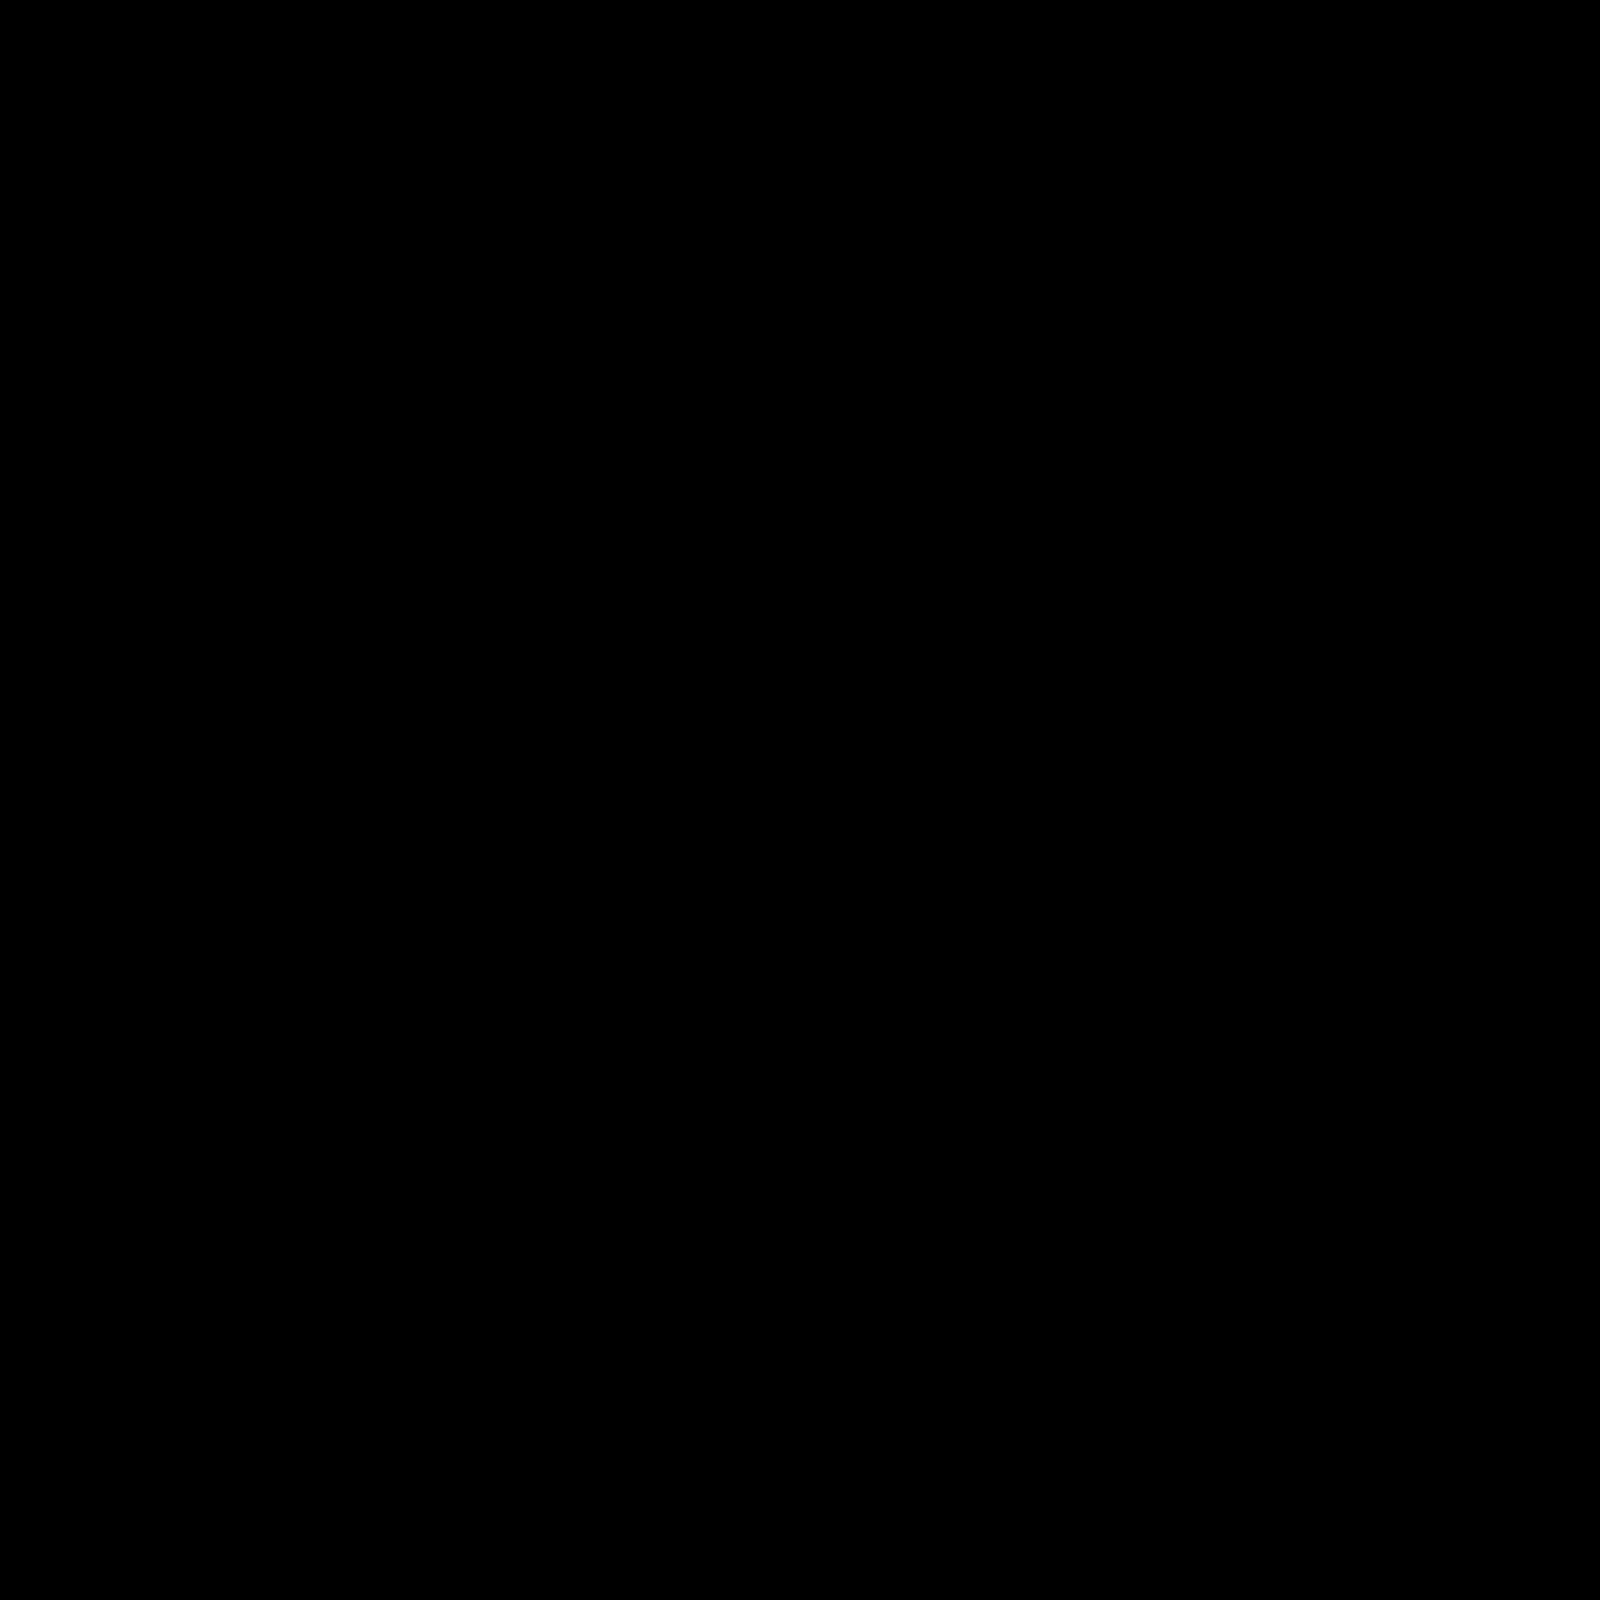 Pas startowy icon